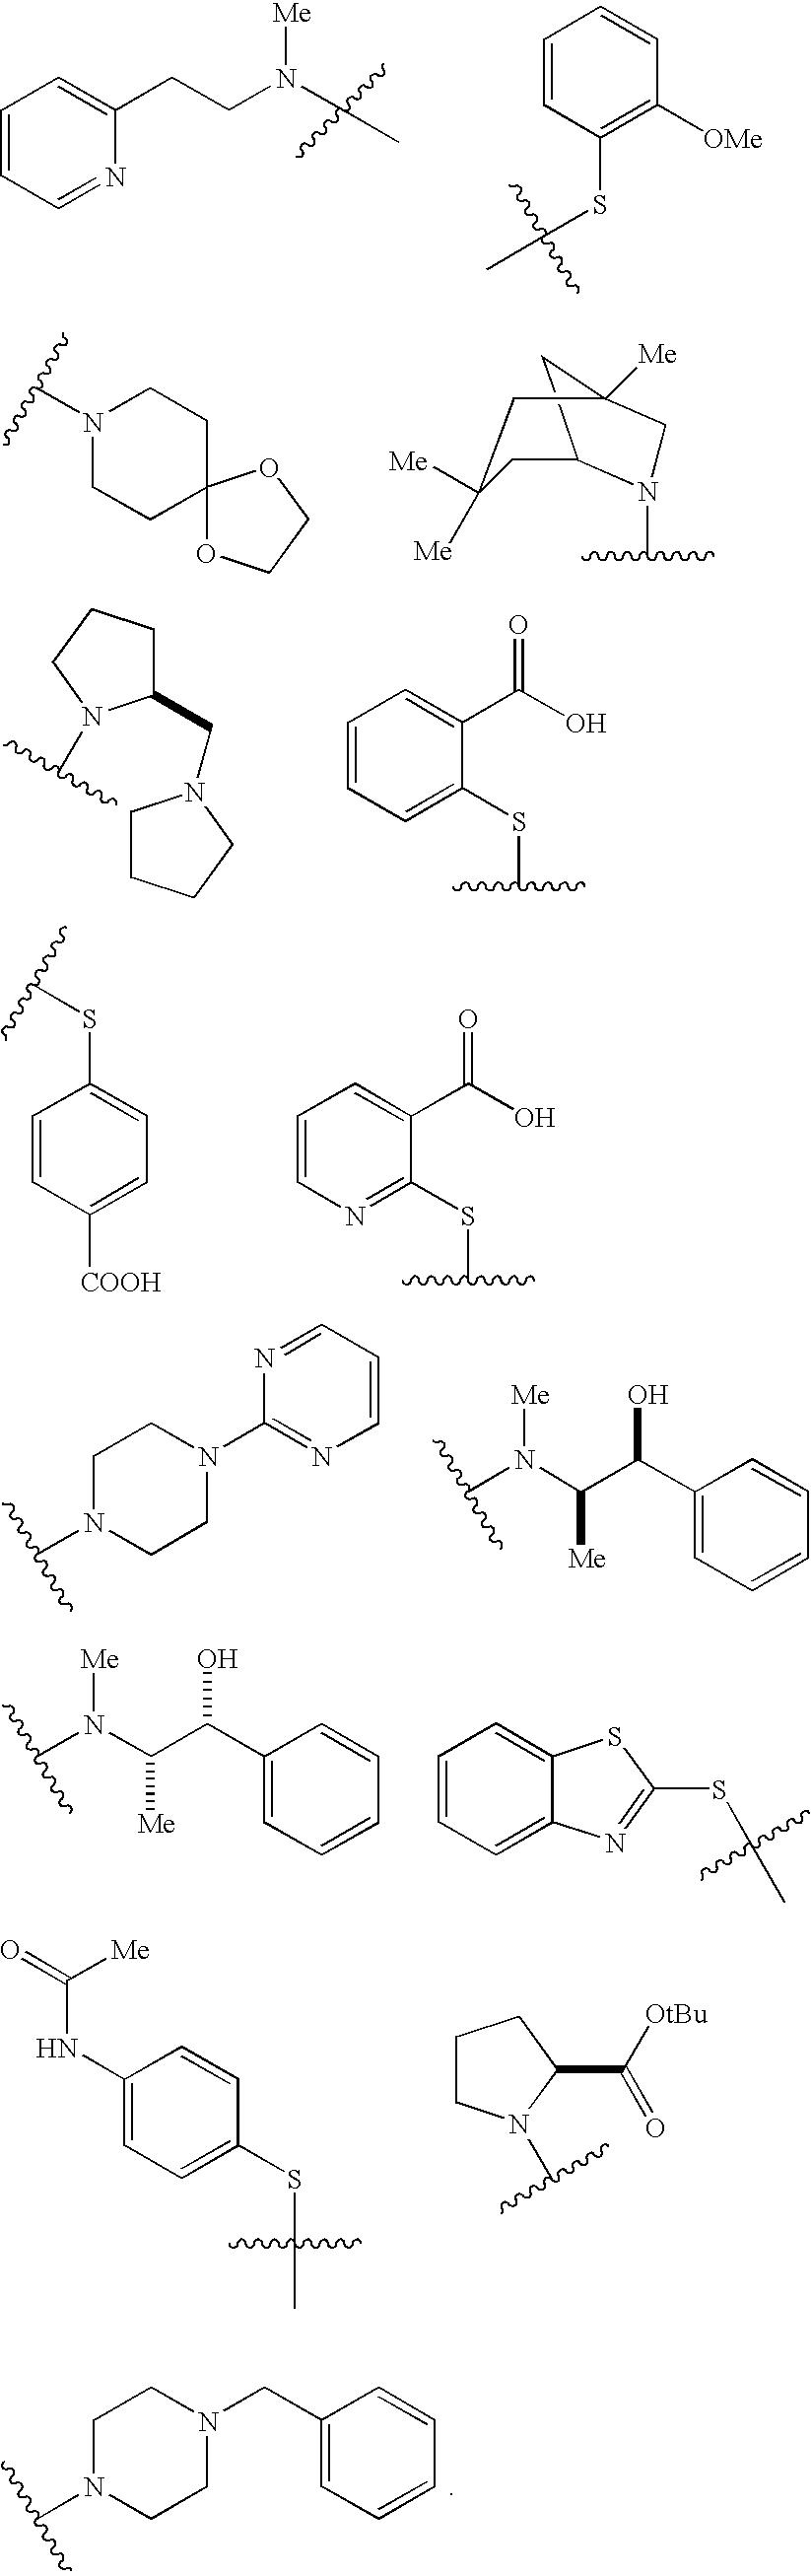 Figure US20040072849A1-20040415-C00147